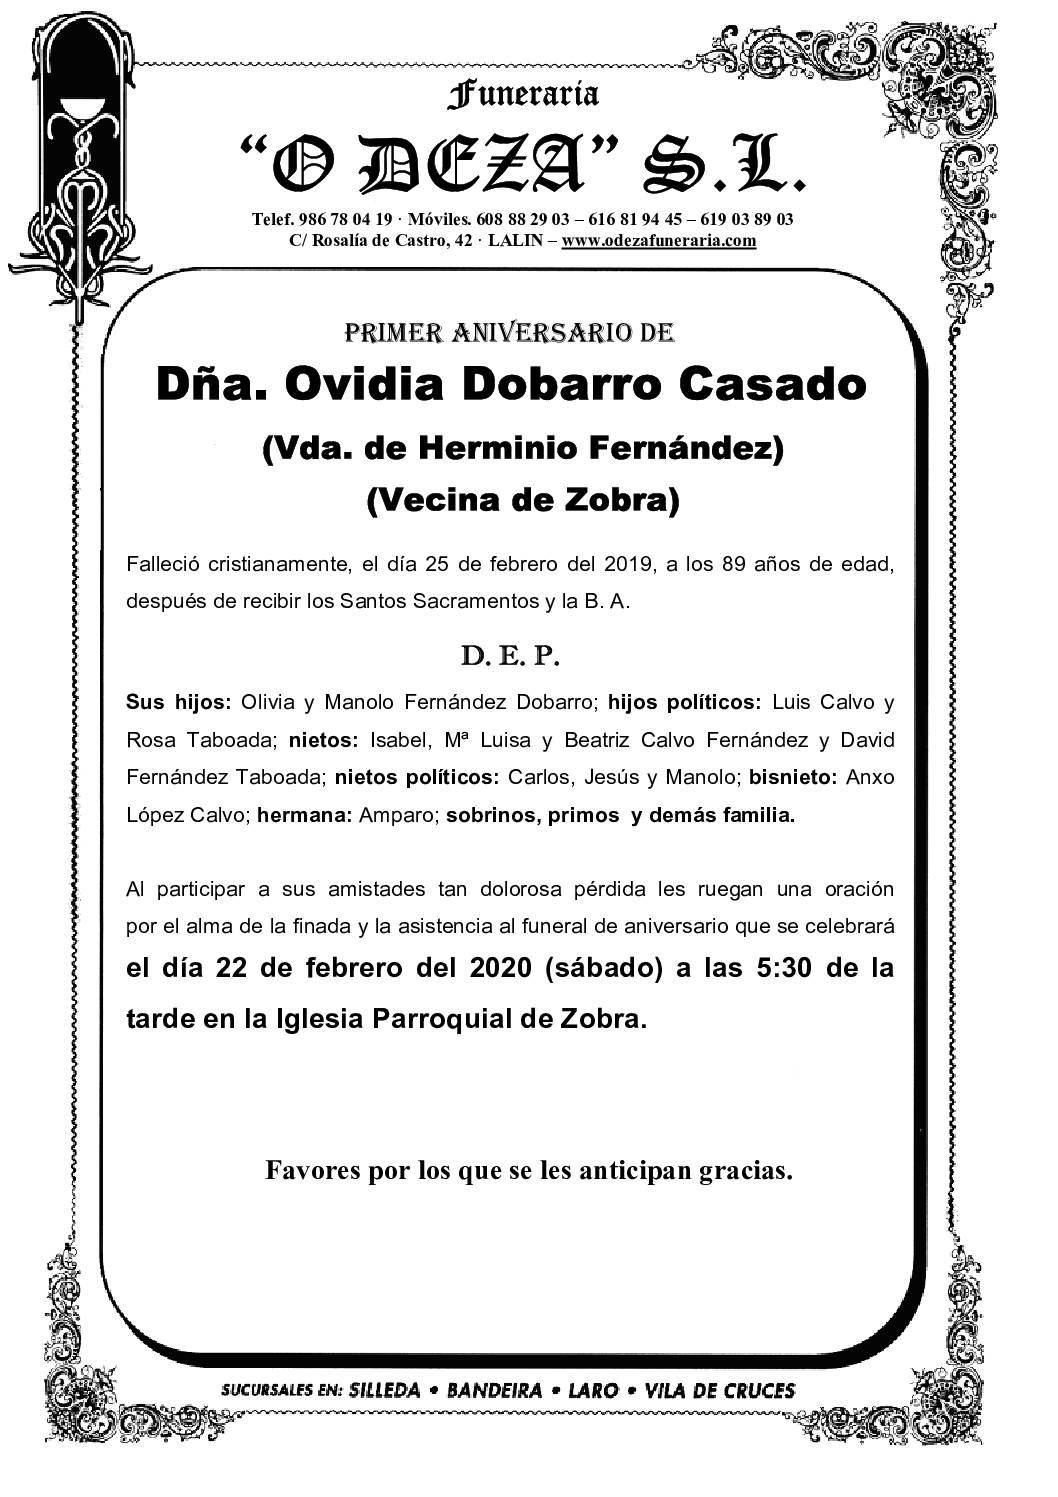 DÑA. OVIDIA DOBARRO CASADO